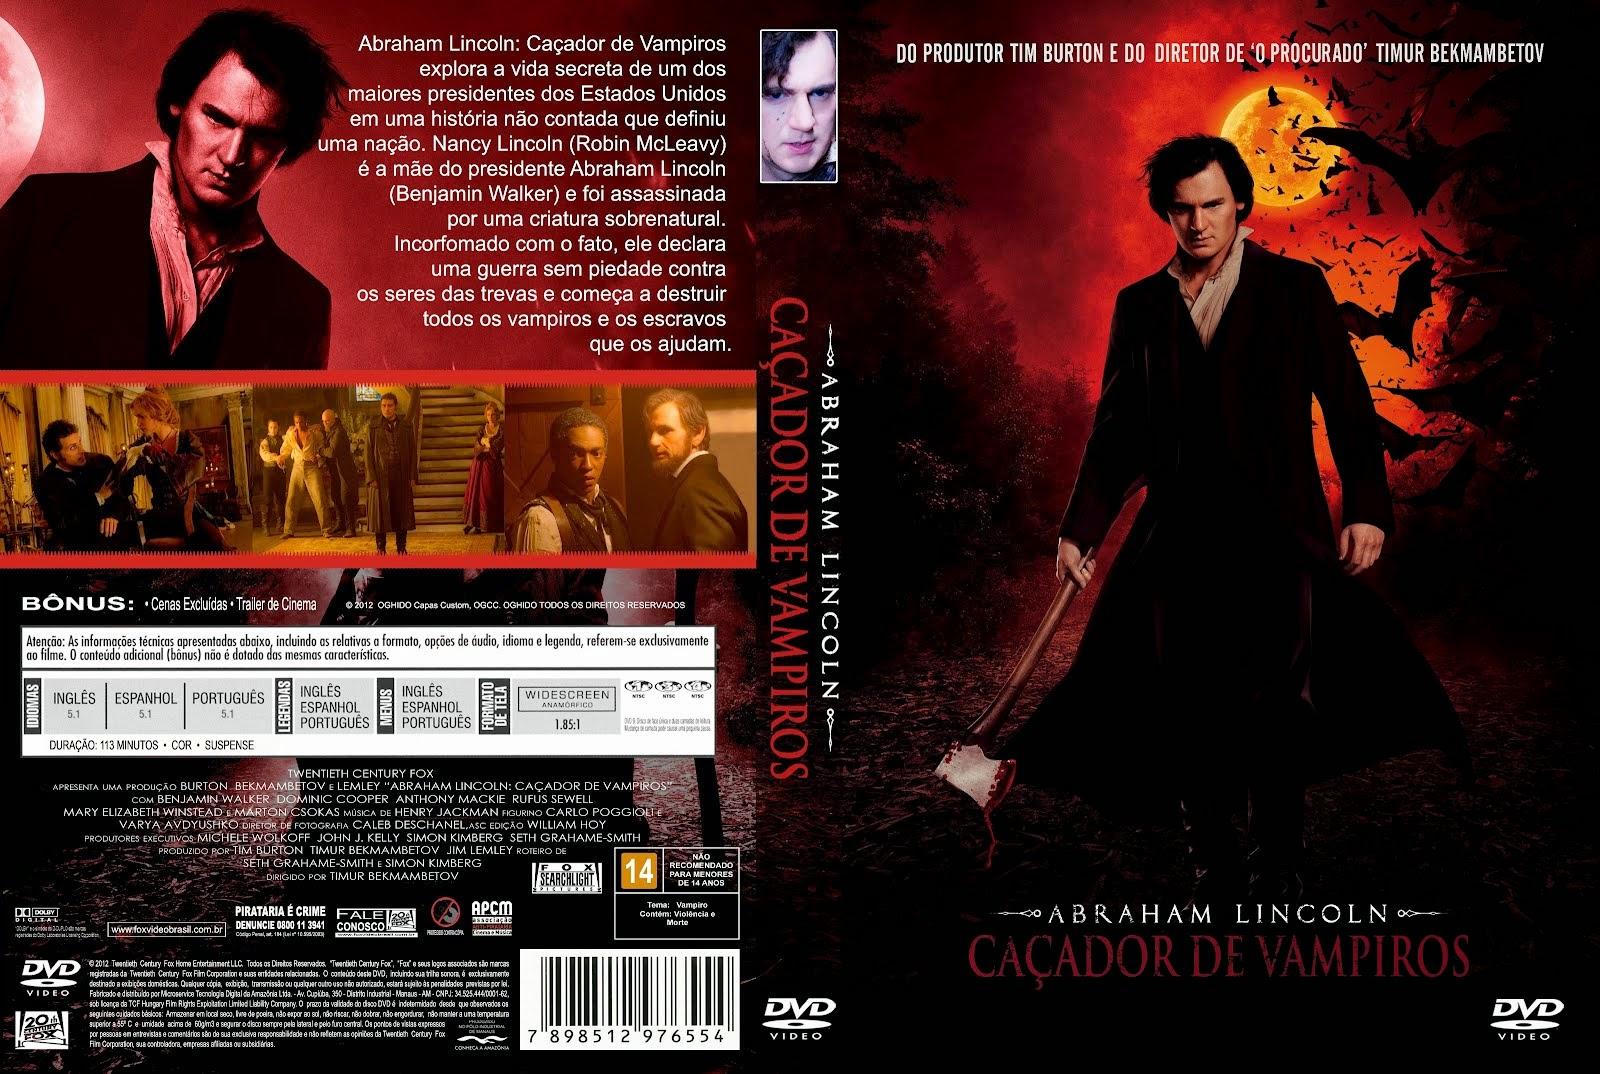 Abraham Lincoln: Caçador de Vampiros DVD Capa